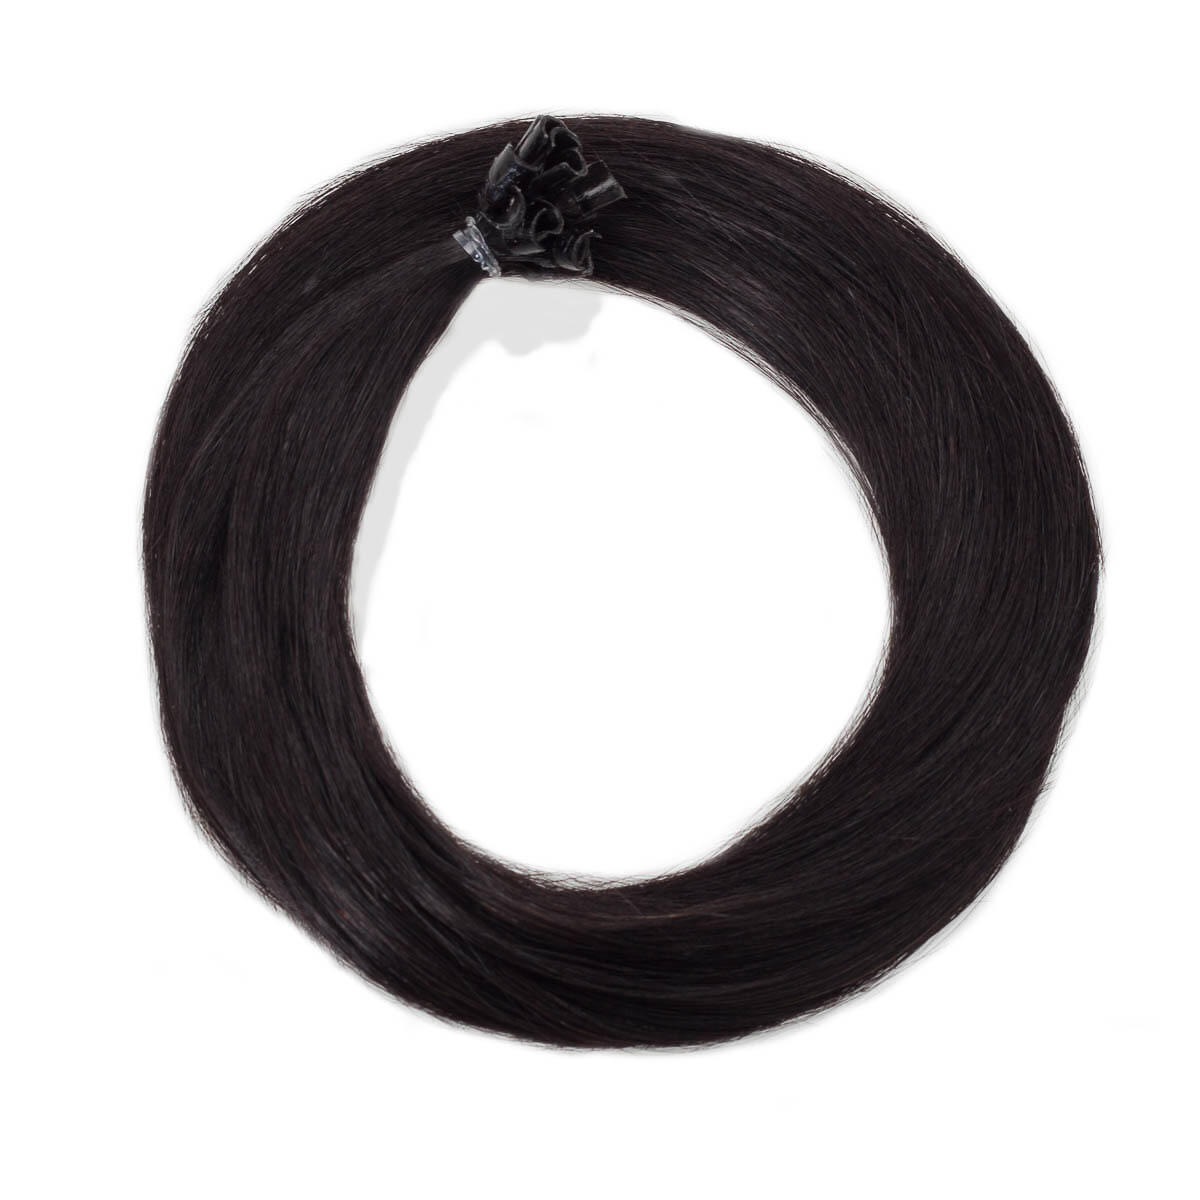 Nail Hair 1.2 Black Brown 40 cm